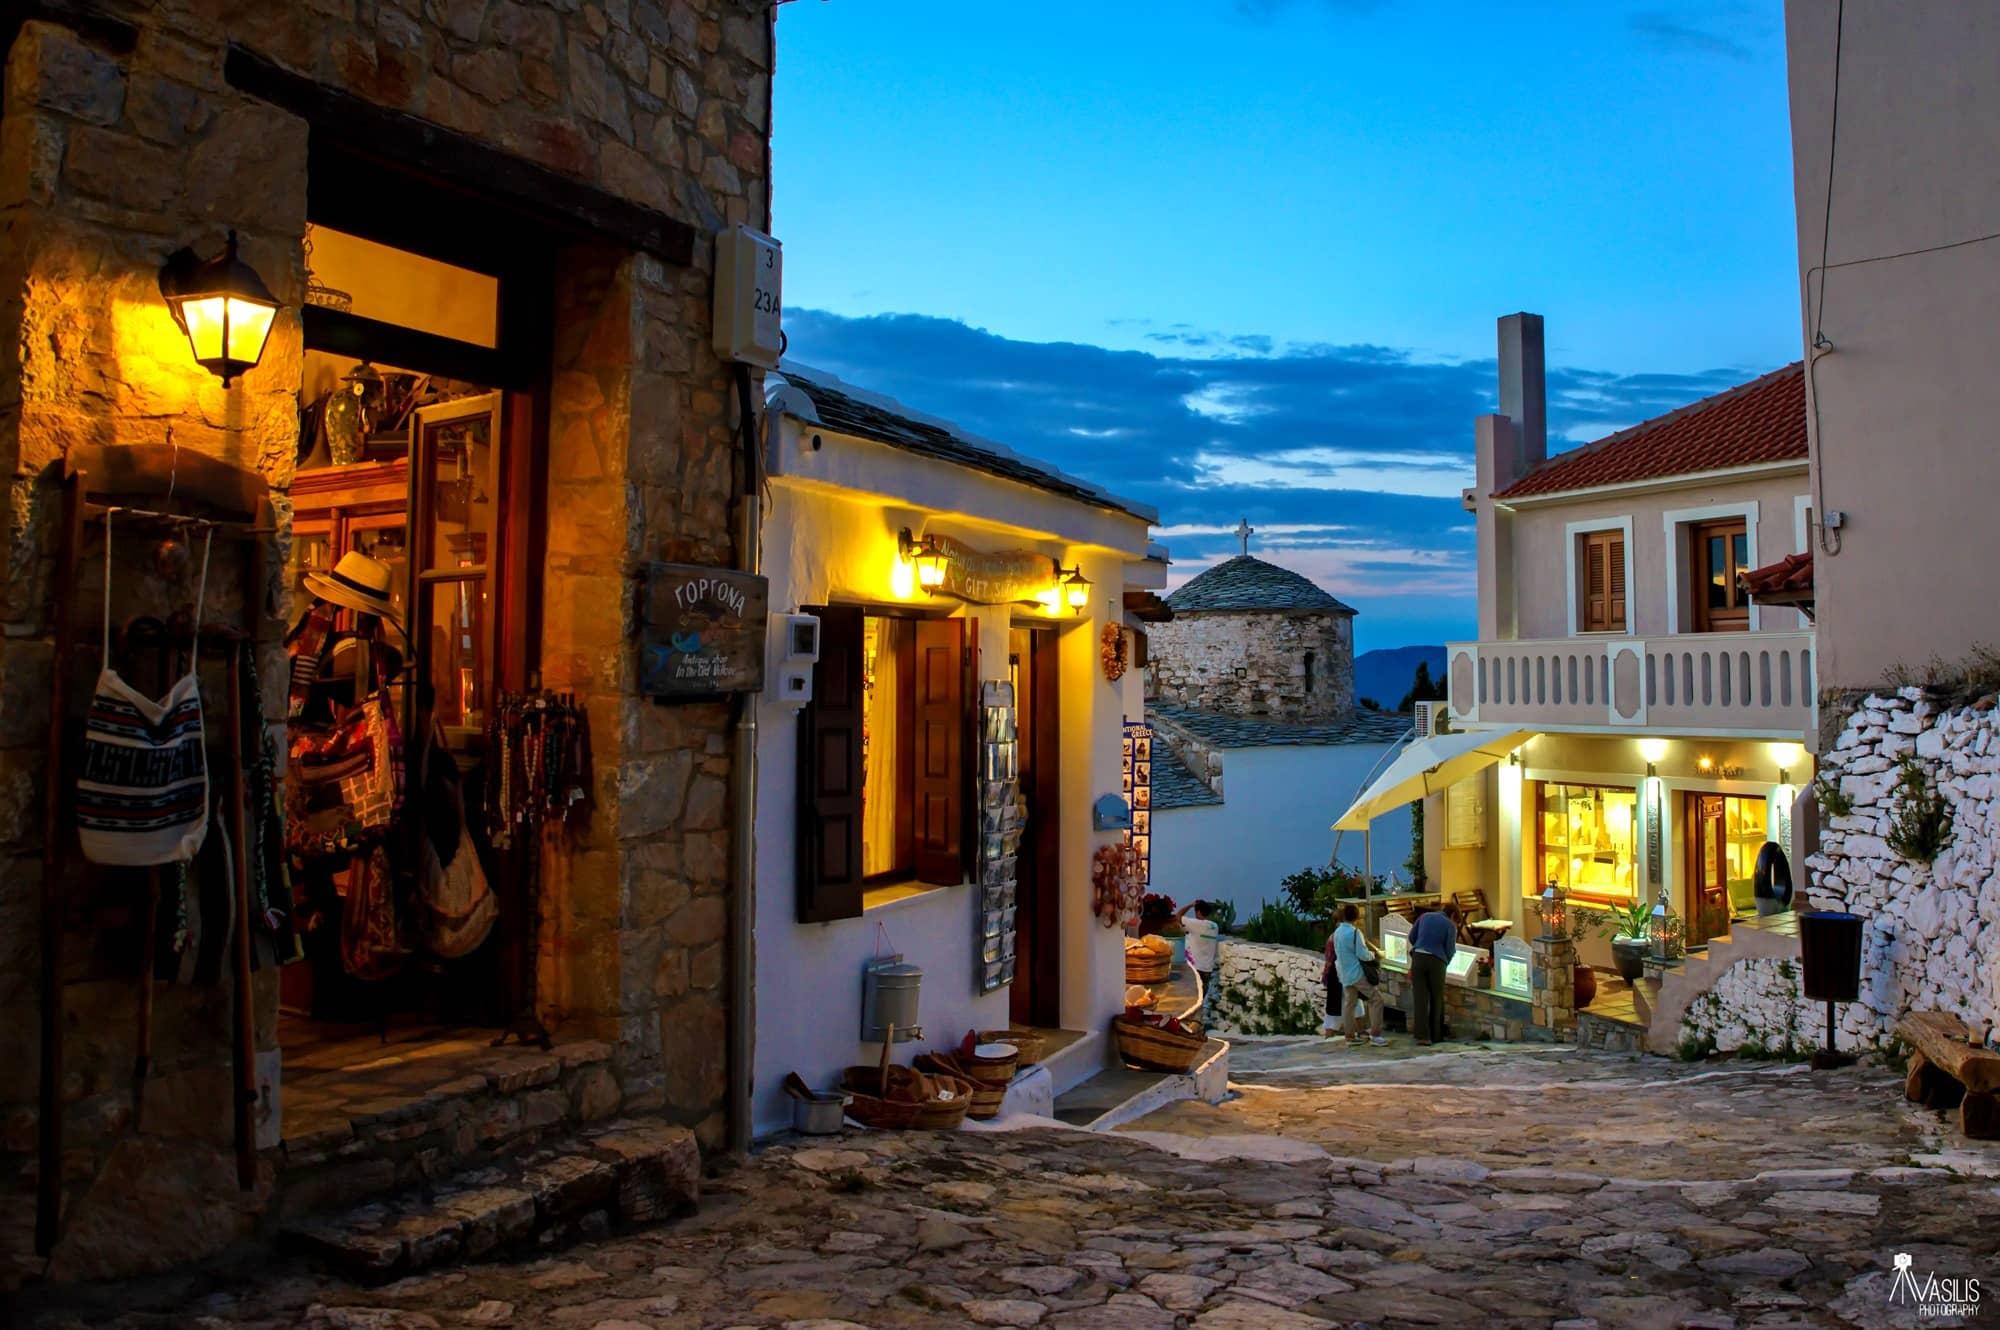 Old-Village-of-Alonissos_1_copyrights_Vasilis-Drosakis.jpg